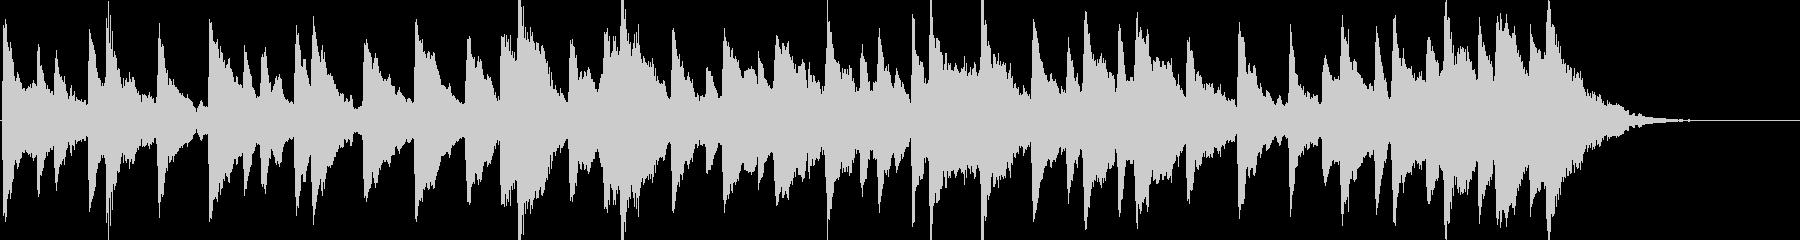 童謡「雪やこんこん」オルゴールbpm86の未再生の波形